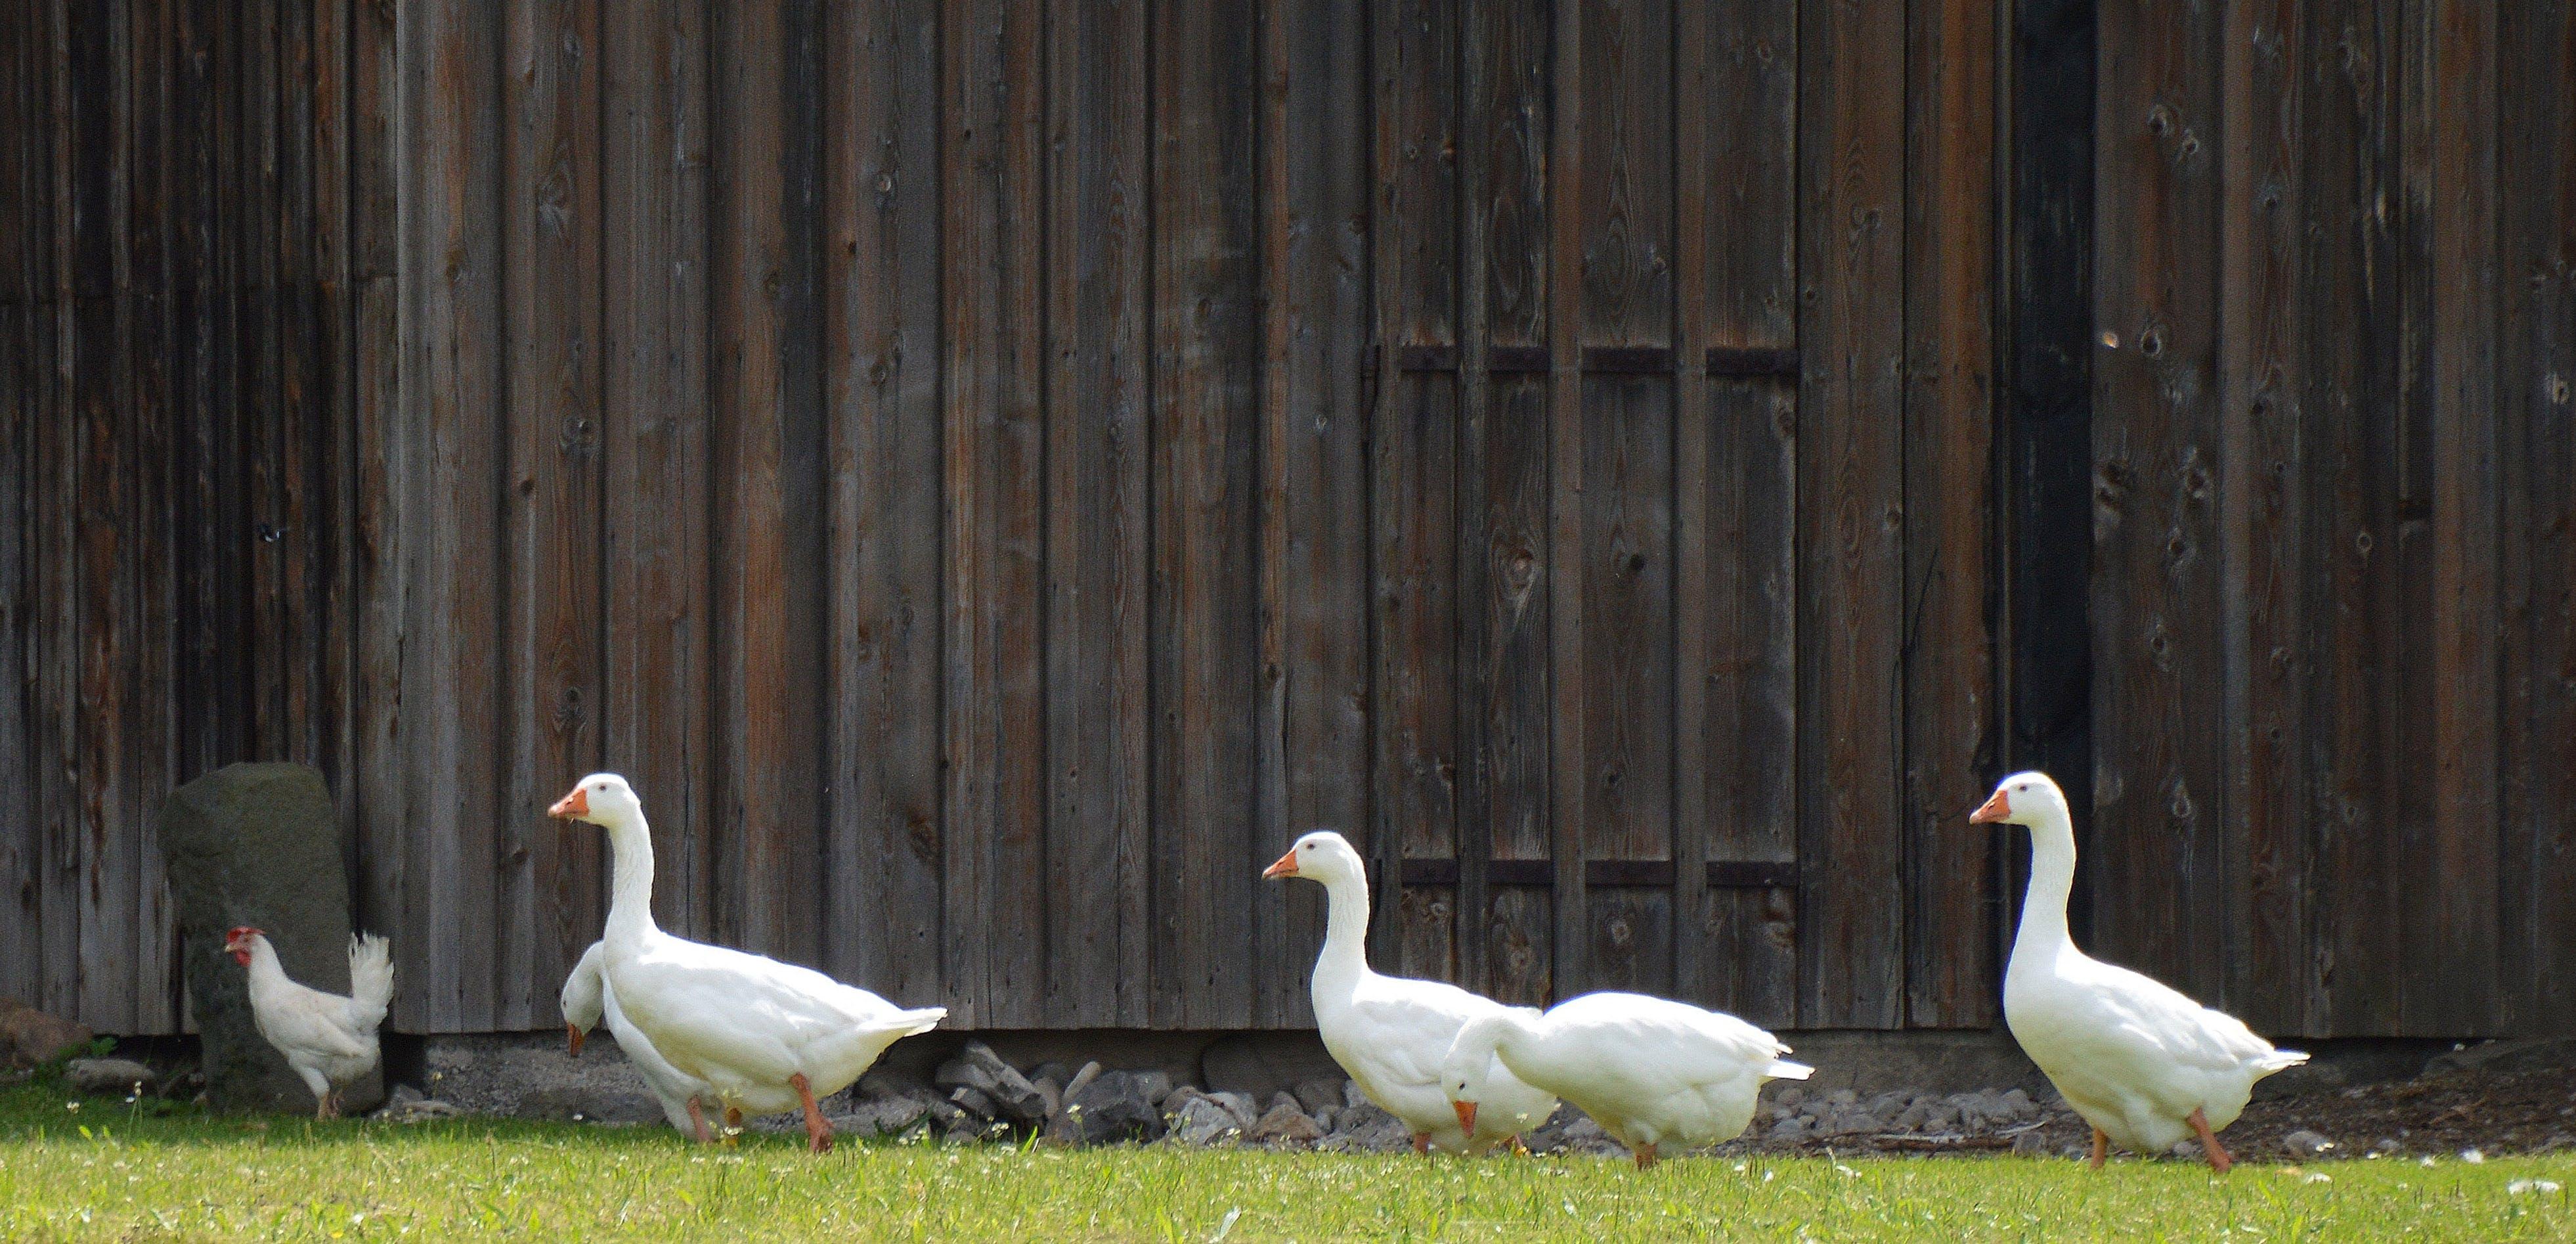 Immagine gratuita di animali, azienda agricola, carino, erba